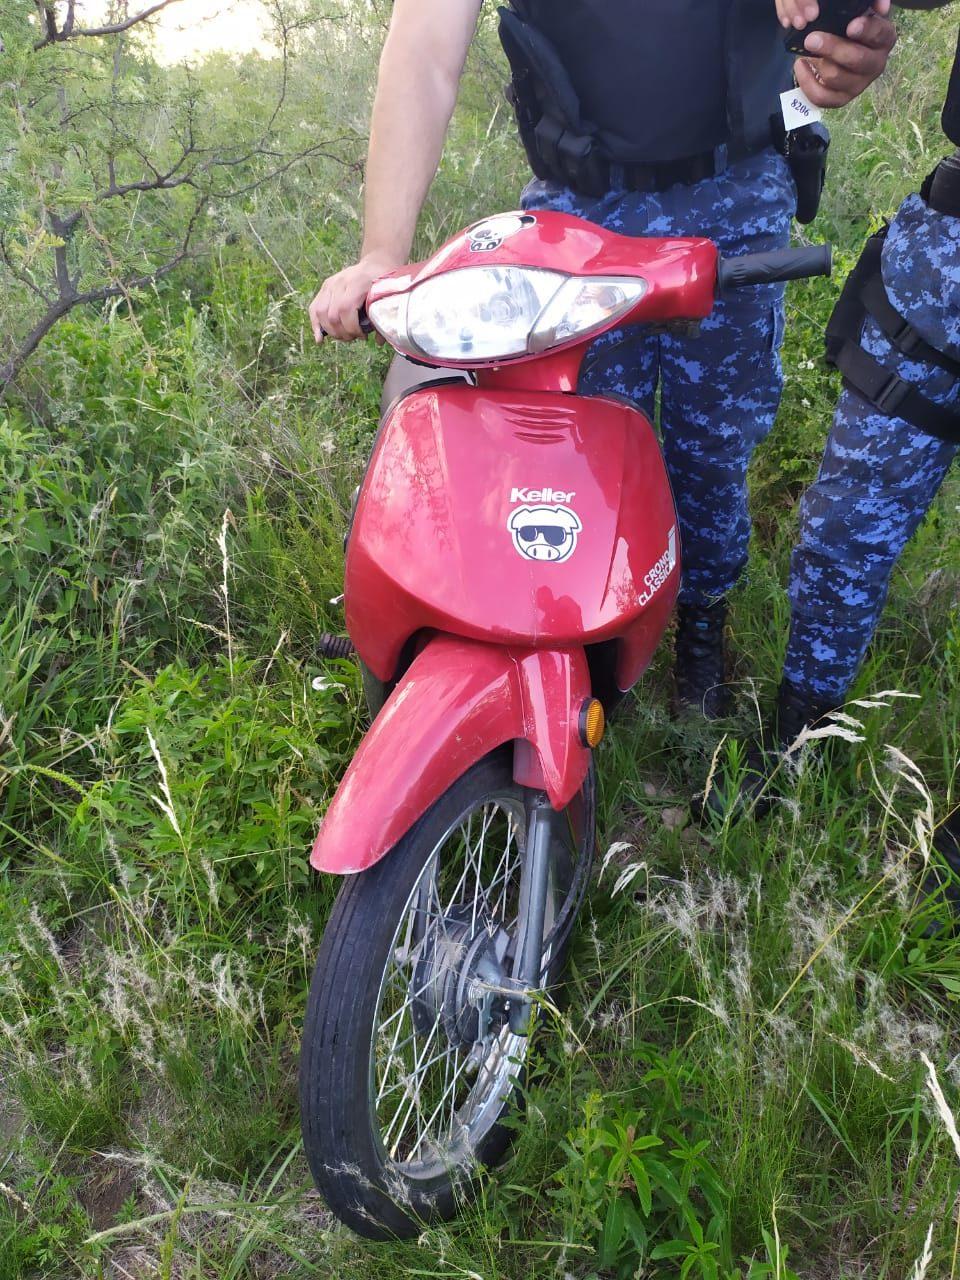 Encontraron entre la maleza una moto que había sido robada